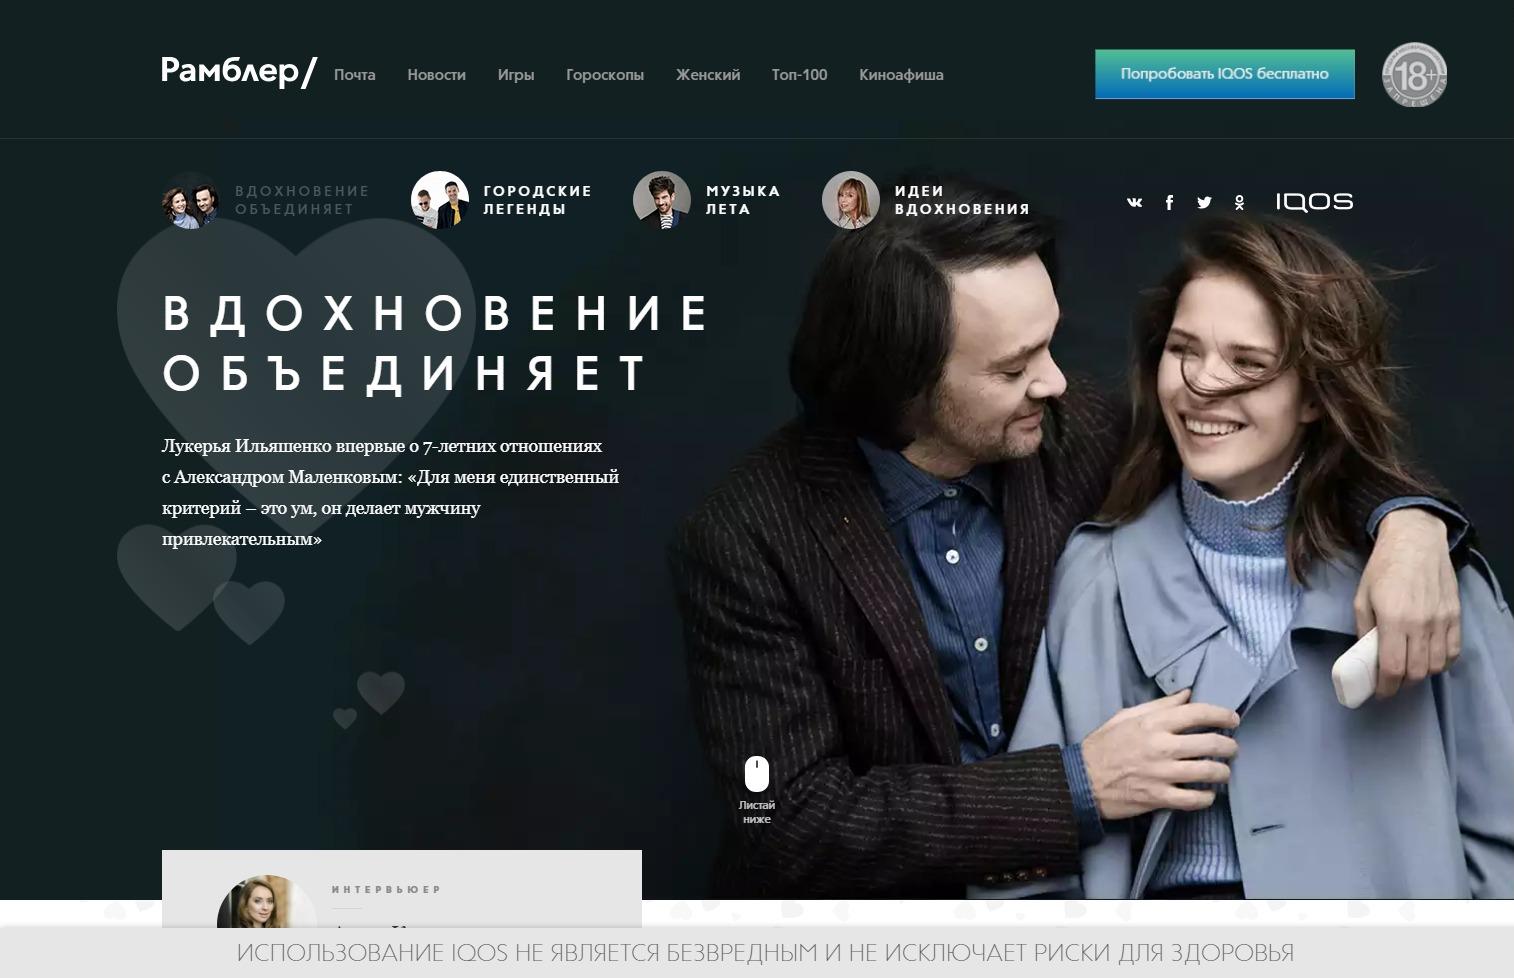 iqos.rambler.ru-ВдохновениеобъединяетСистеманагреванияIQOSВдохновениеобъединяетСистеманагреванияIQOS